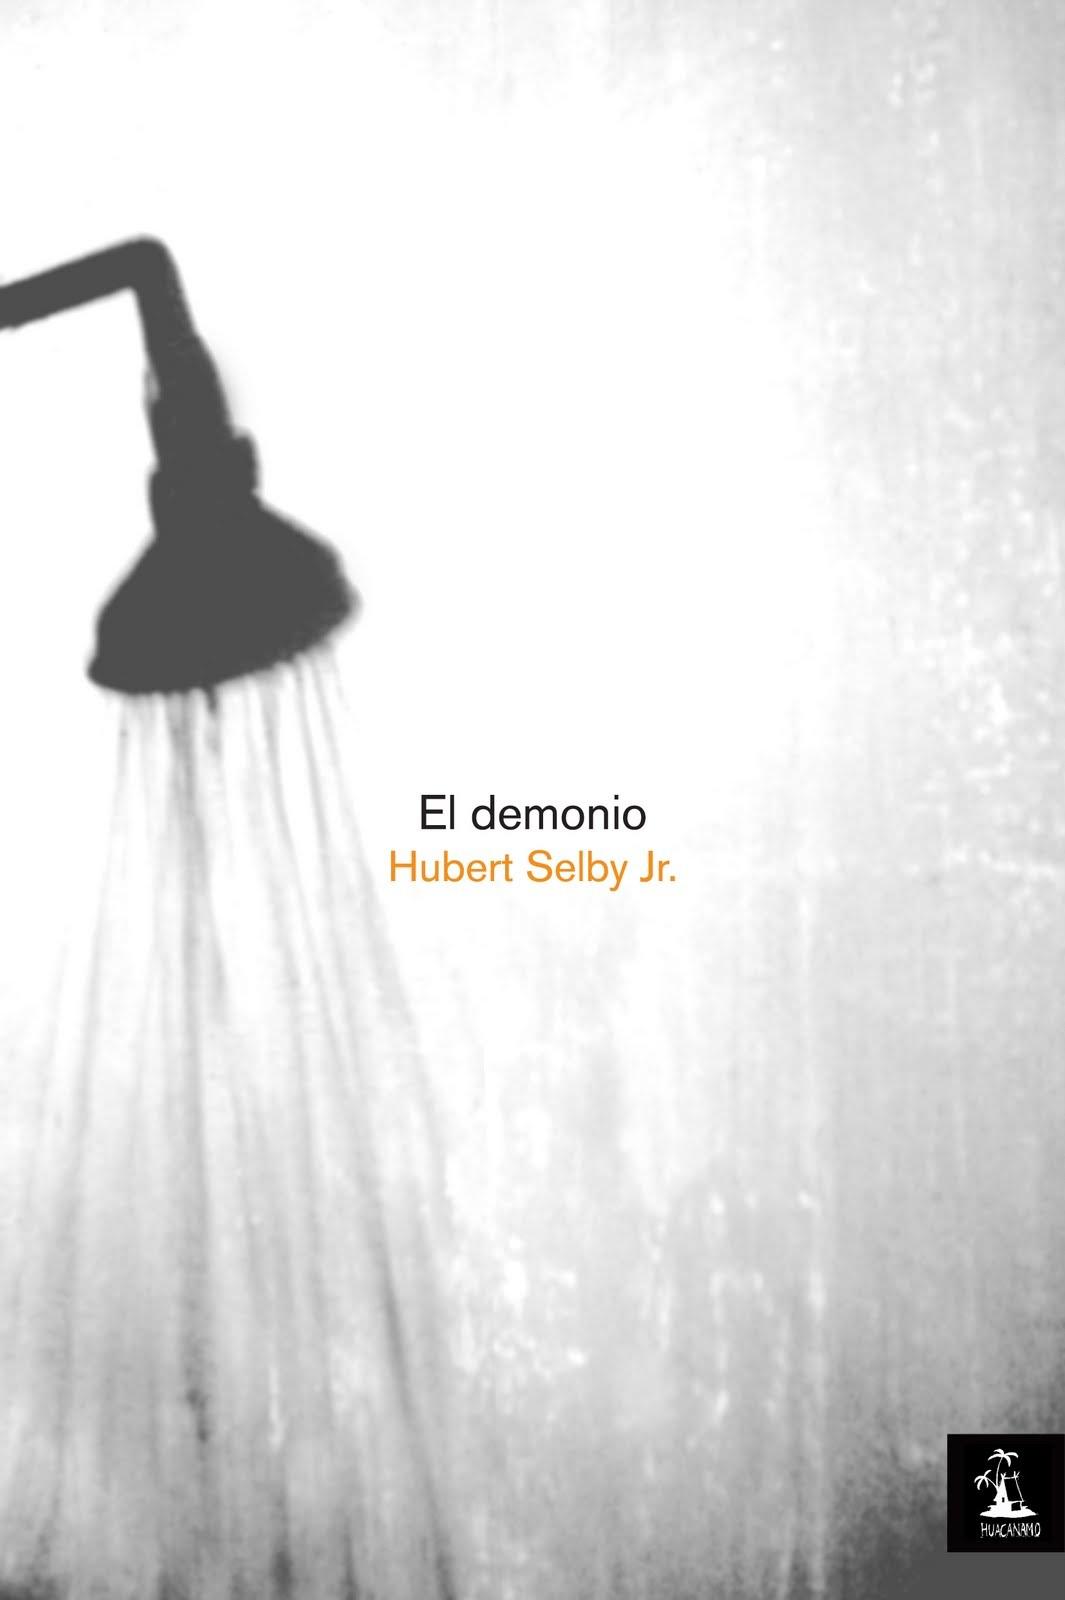 El demonio portada